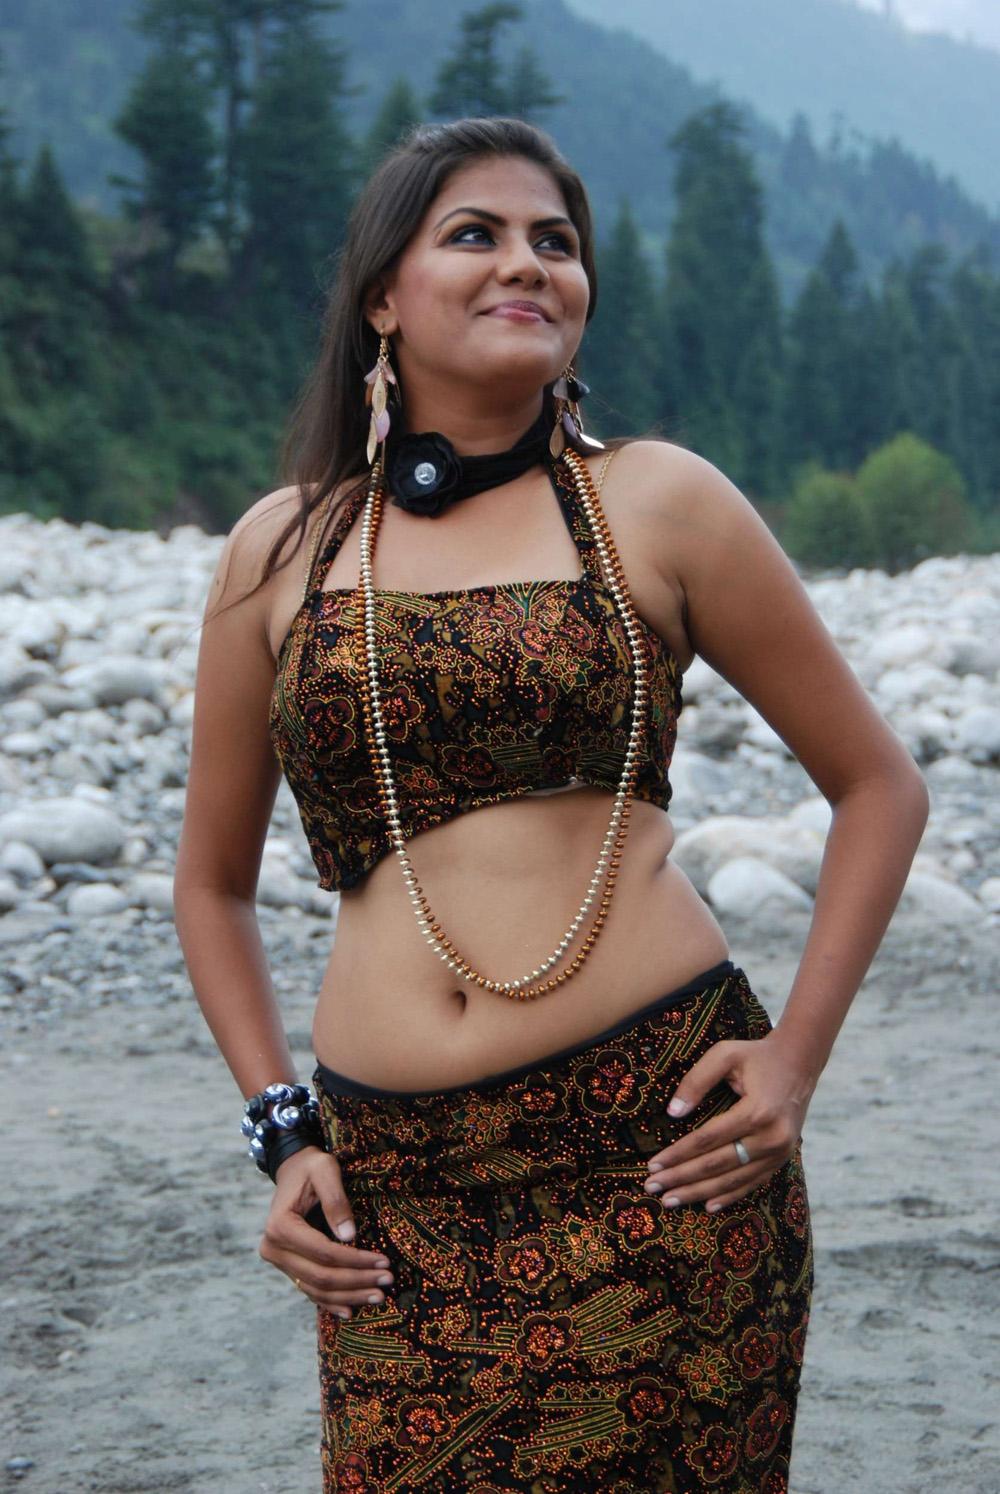 New Tamil Actress Soundarya Hot Photos Search Tamil Movie Search Tamil Movie